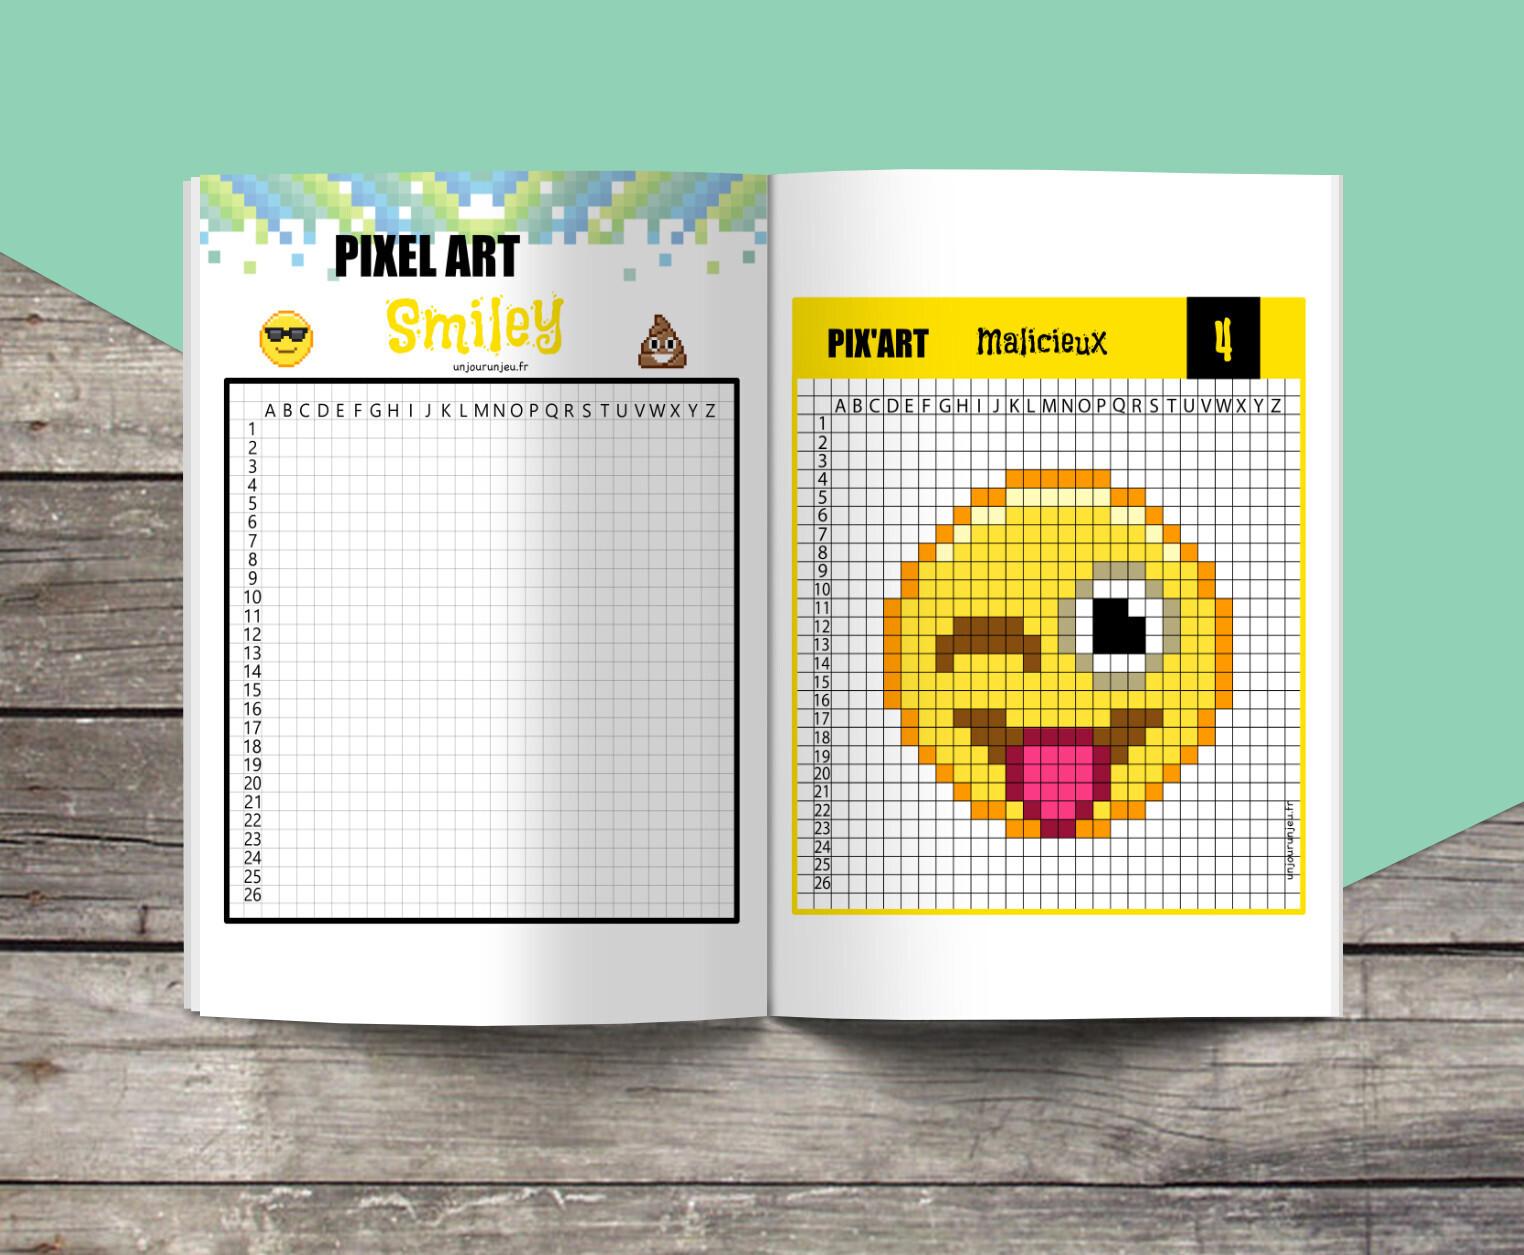 12 Modèles De Pixel Art Smiley à Télécharger Gratuitement